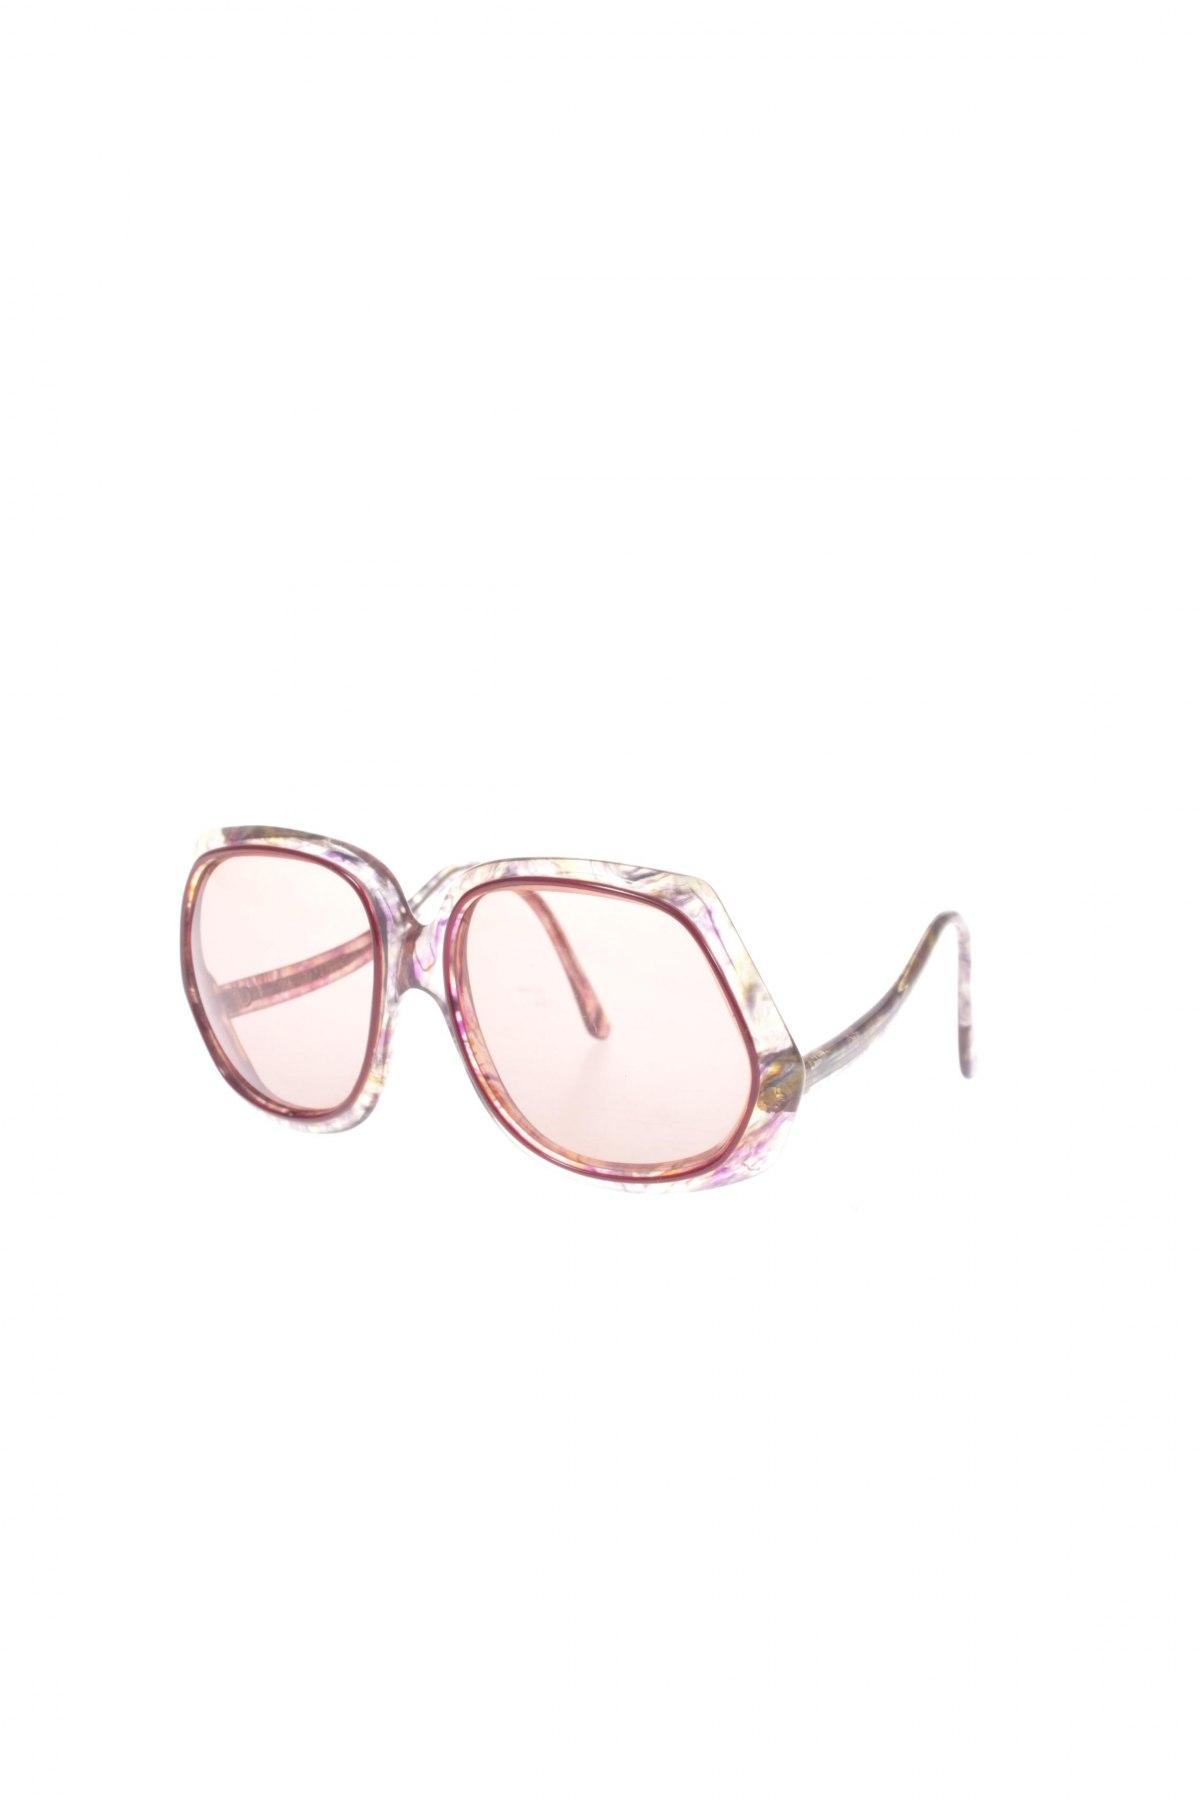 2849397d4 Slnečné okuliare Oliver Goldsmith - za výhodnú cenu na Remix ...